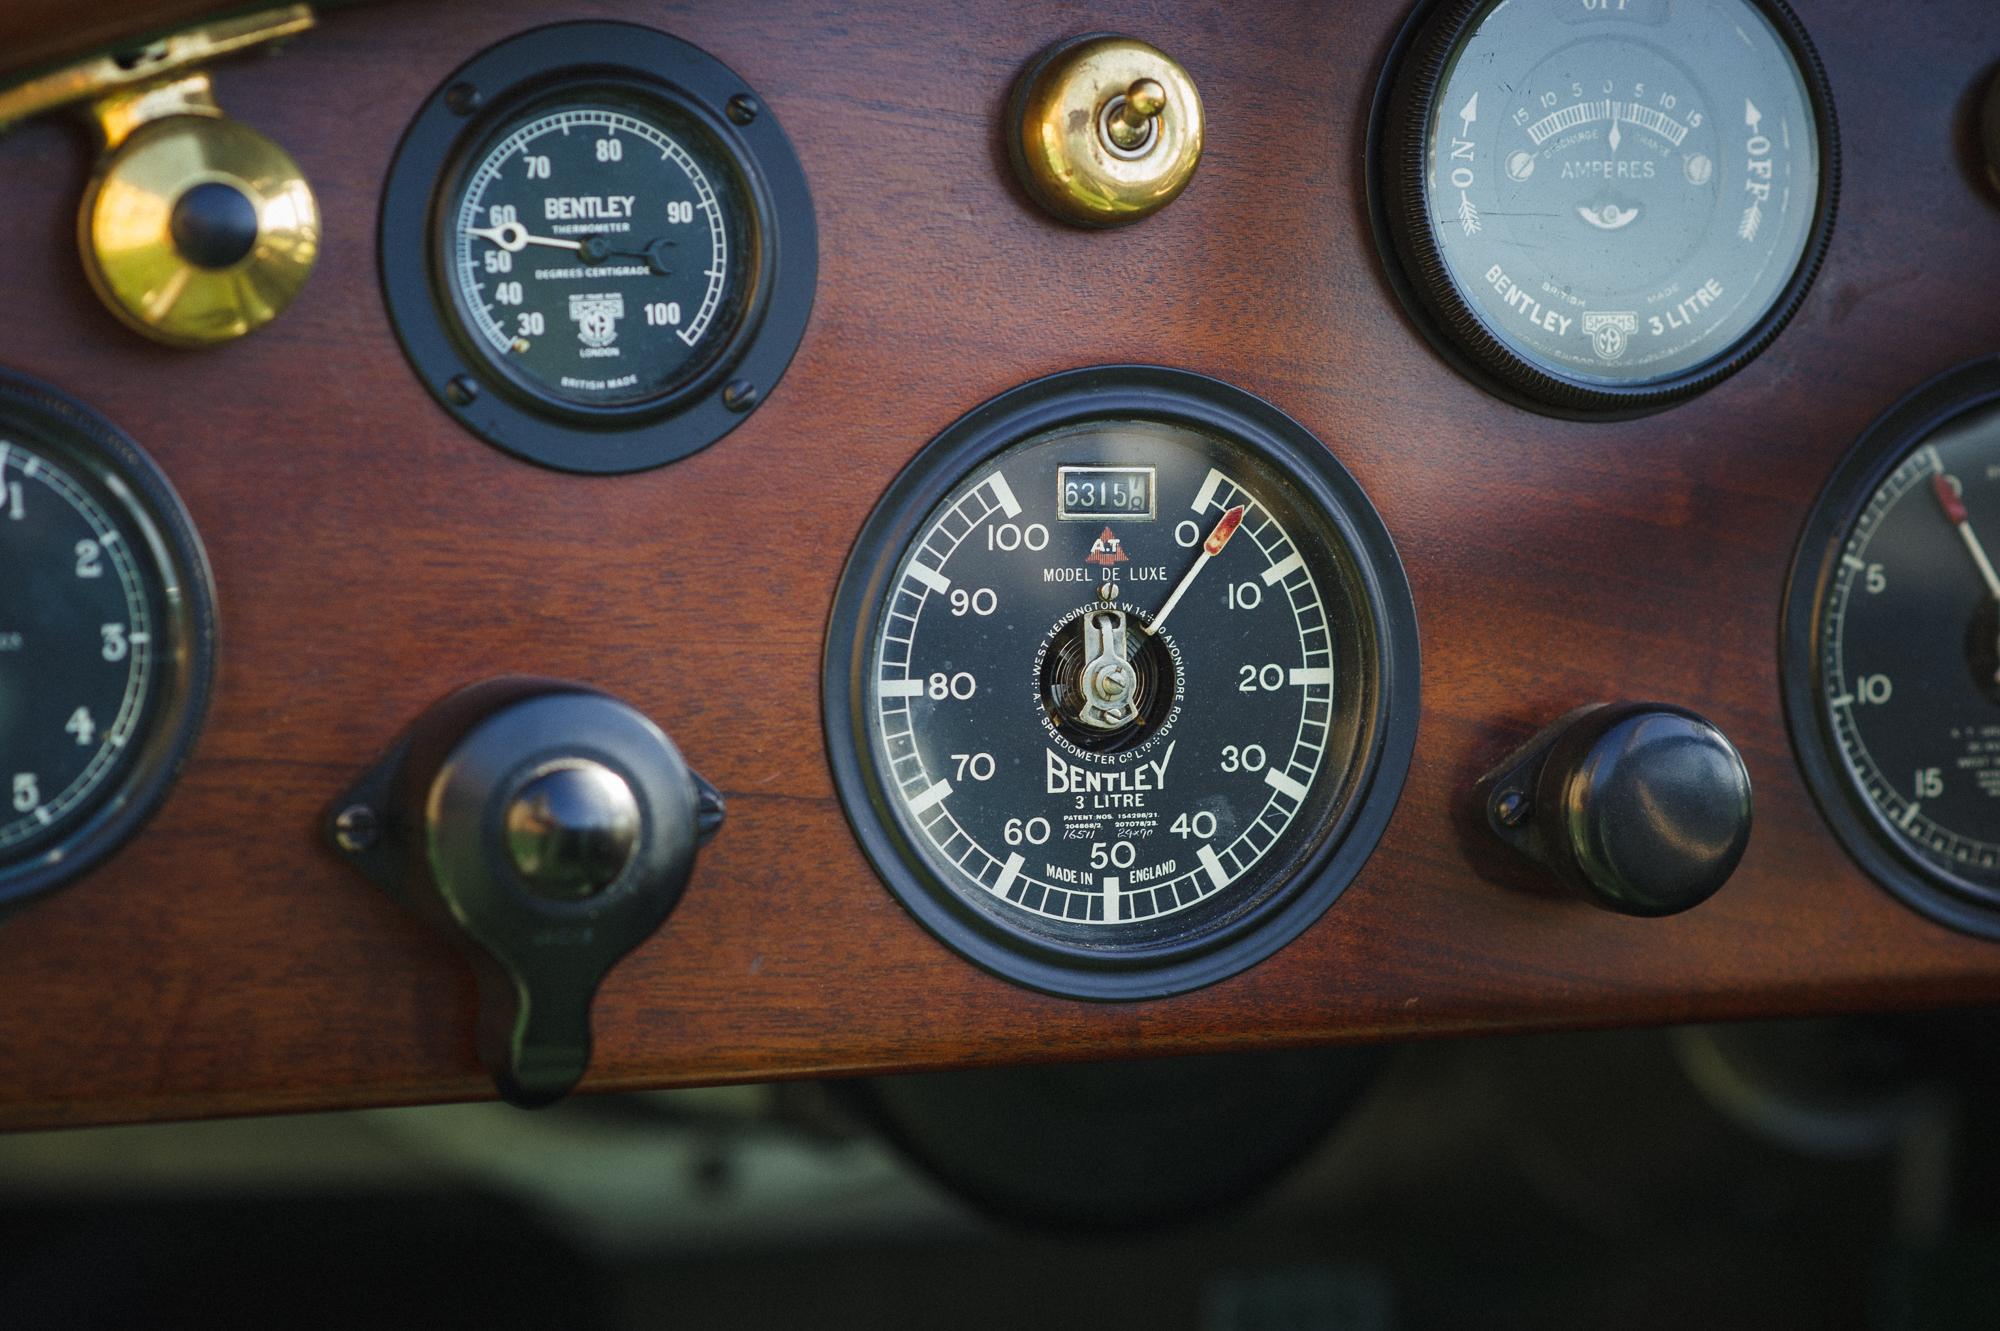 Bentley_3-4.5_LeMans_021.jpg